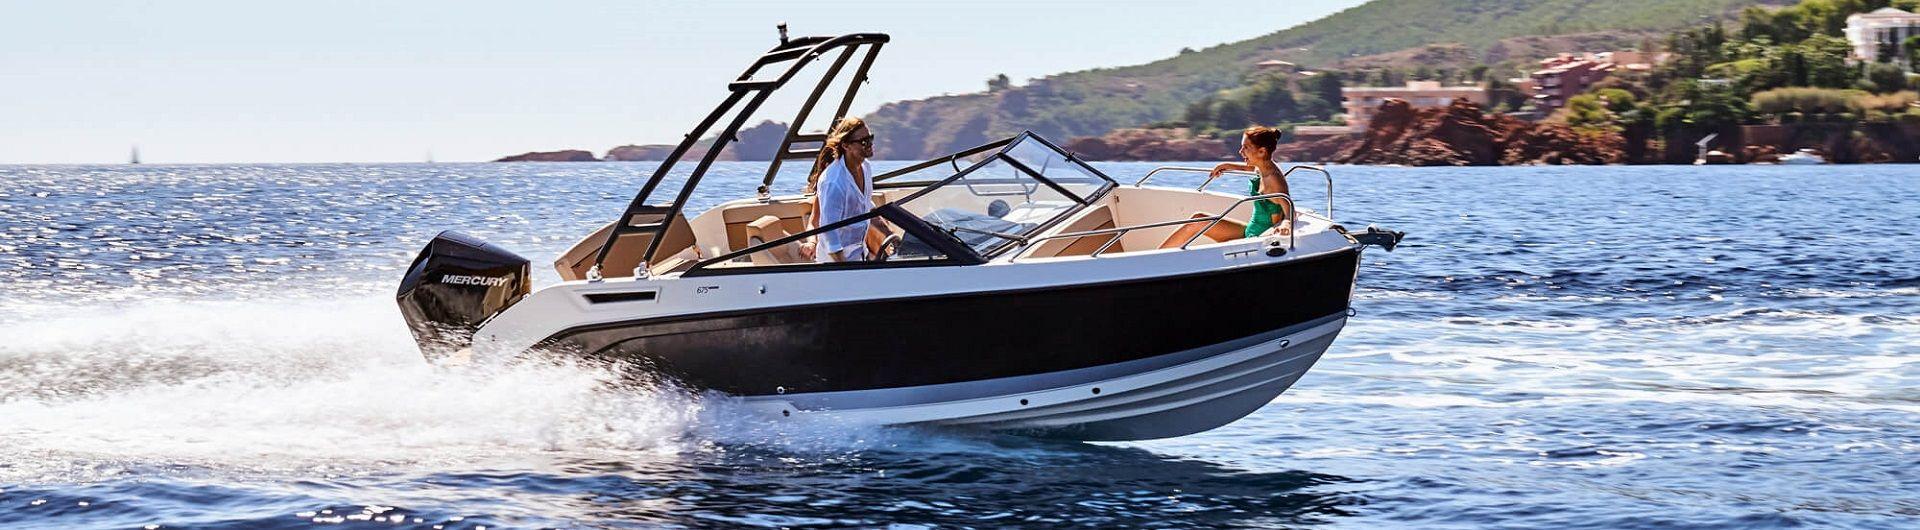 Sportboot Quicksilver Activ 675 Bowrider Header